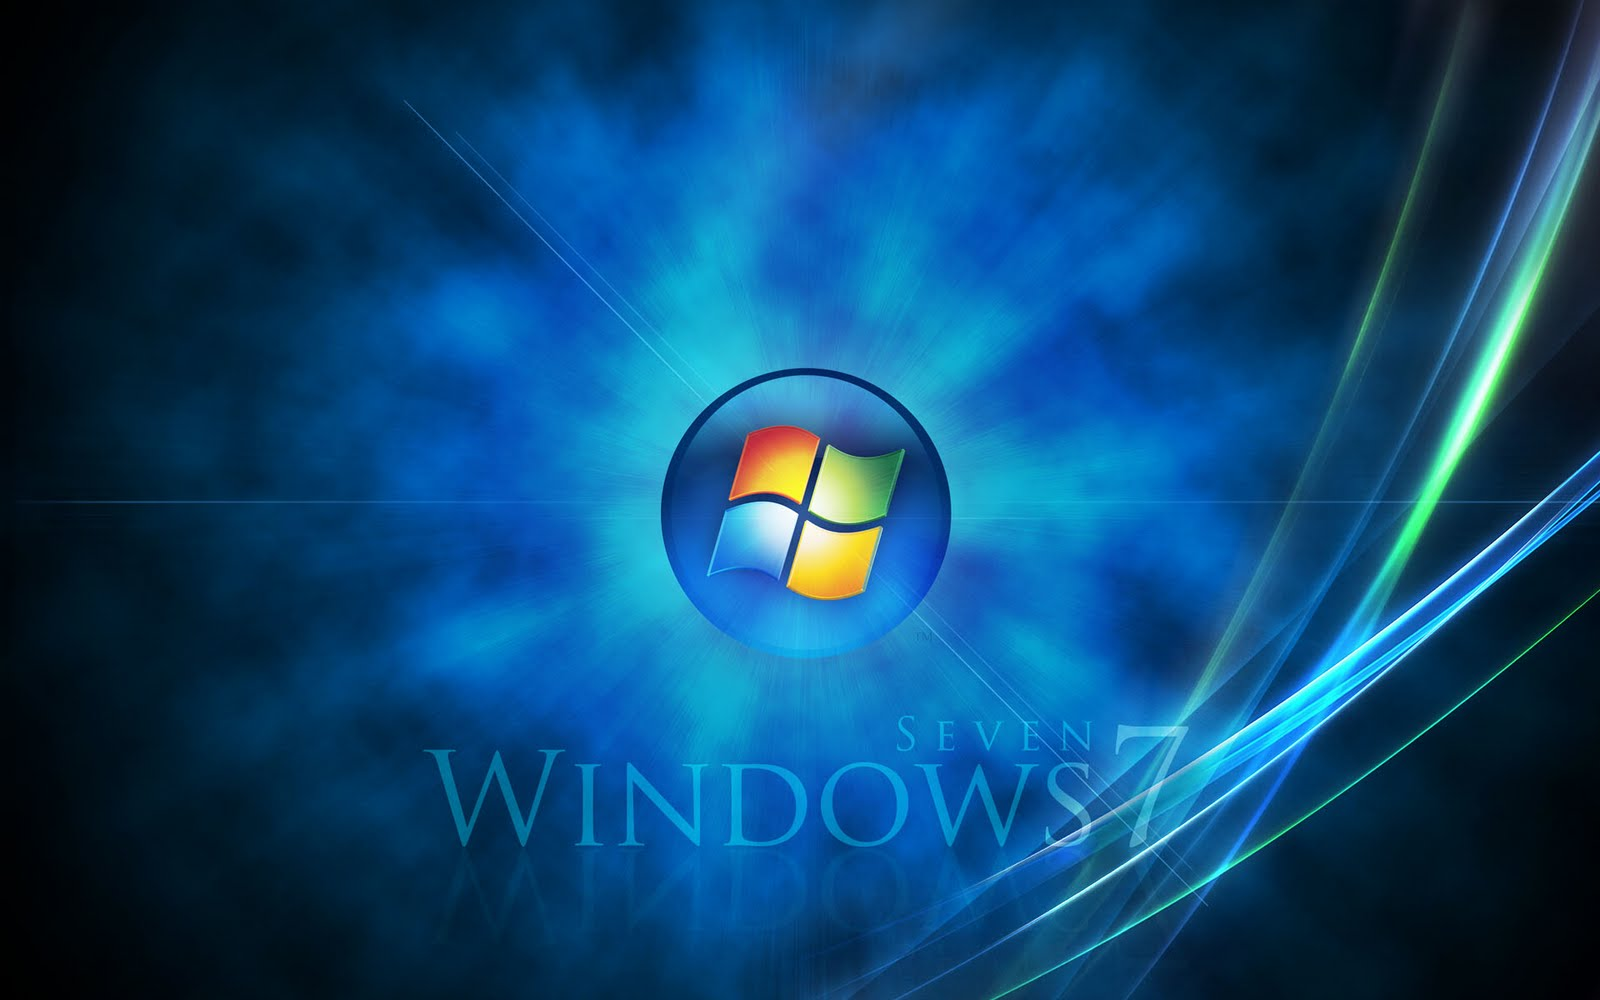 https://1.bp.blogspot.com/_F1KHXmWyB-w/THvBCbqaqHI/AAAAAAAAAFs/cHAT0Bn9Fmw/s1600/Windows%207%20ultimate%20collection%20of%20wallpapers%20(5).jpg